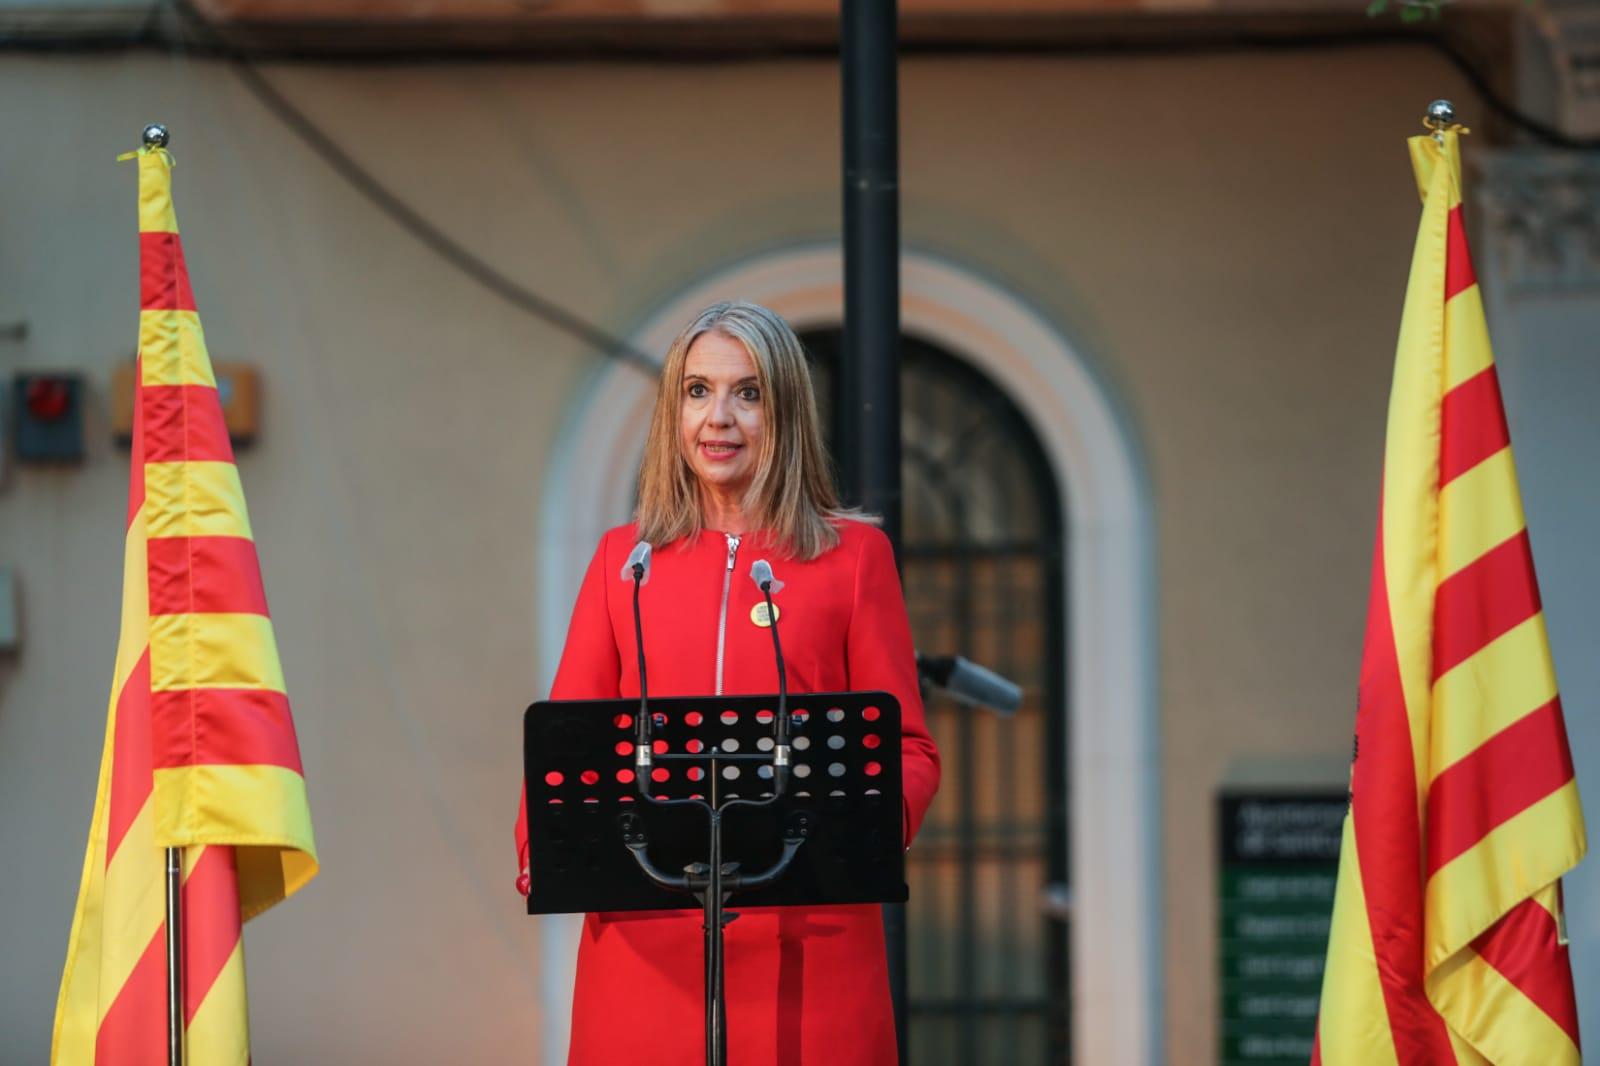 L'alcaldessa, Mireia Ingla, en l'acte d'homenatge a la II República i a la figura de l'alcalde Roc Codó. FOTO: Lali Puig